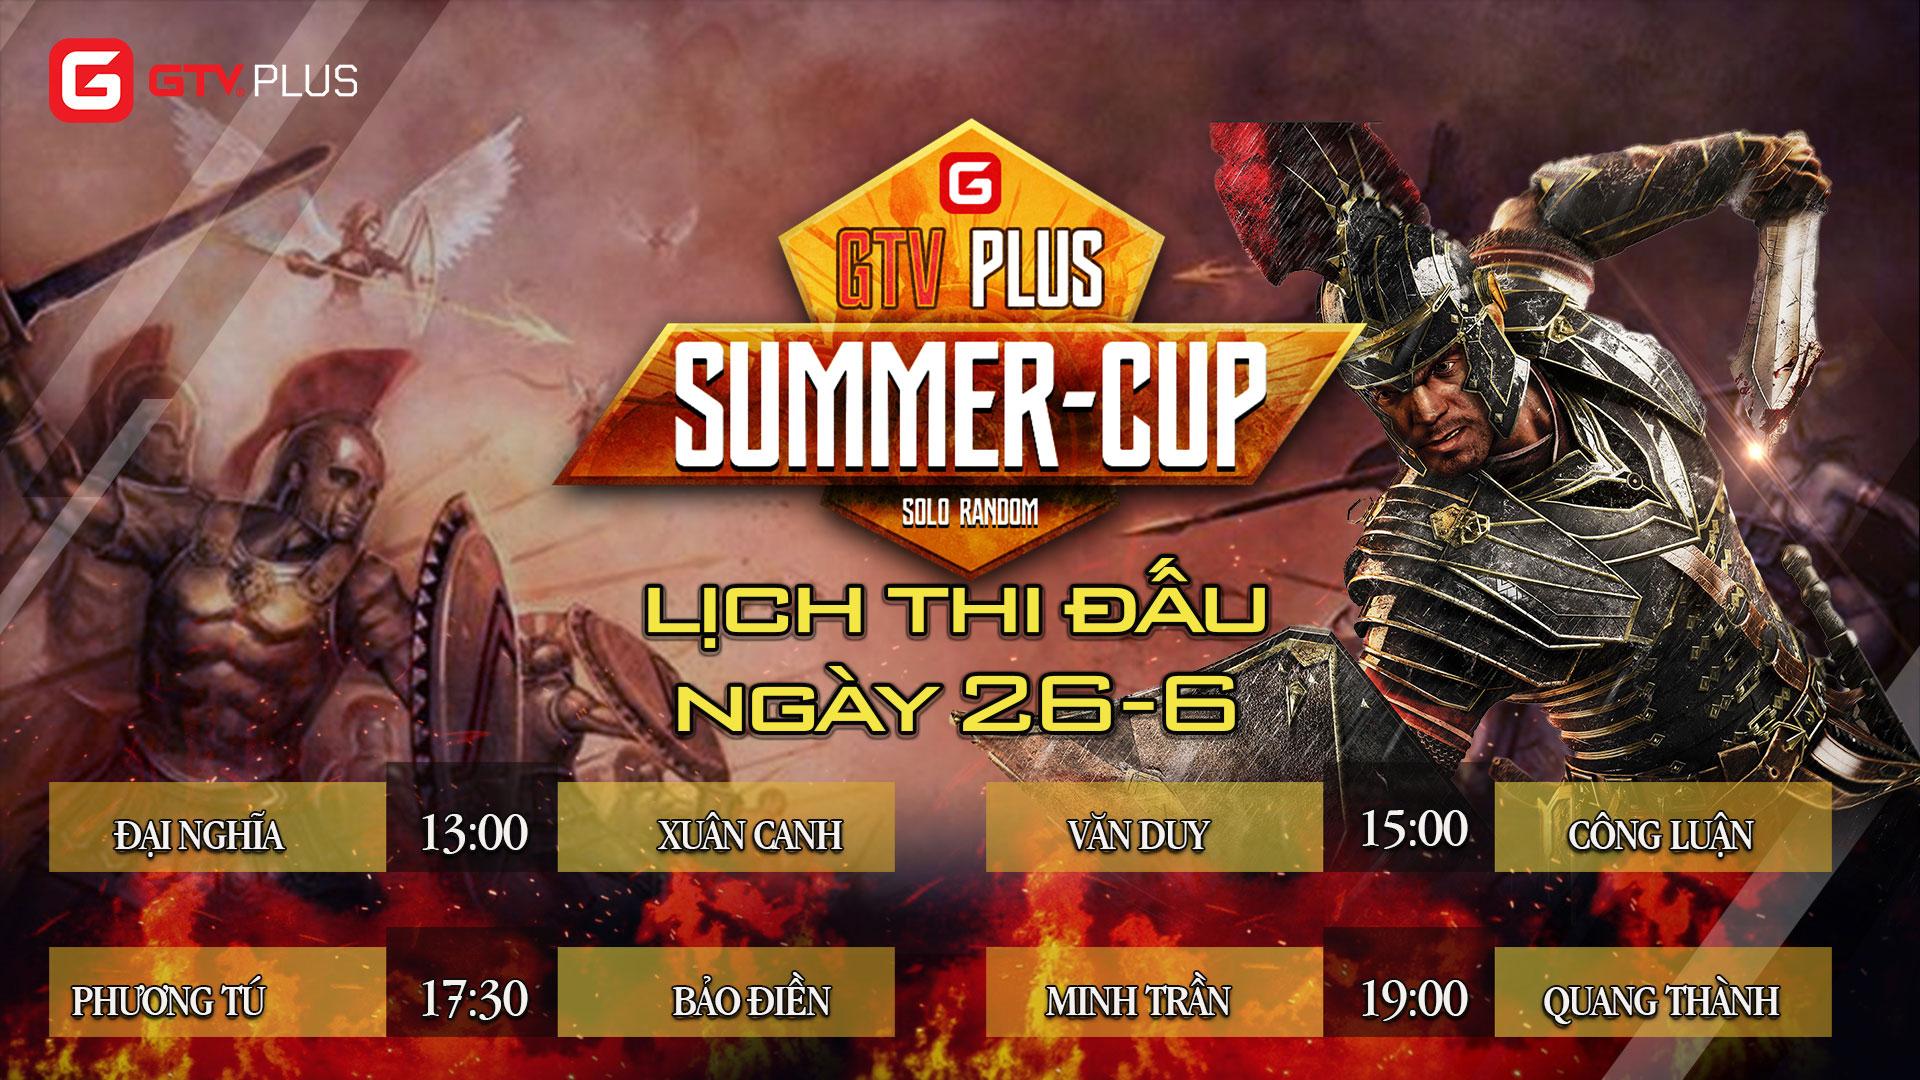 Lịch thi đấu ngày thi đấu ngày 26 tháng 6 Giải đấu AOE SUMMER CUP 2021